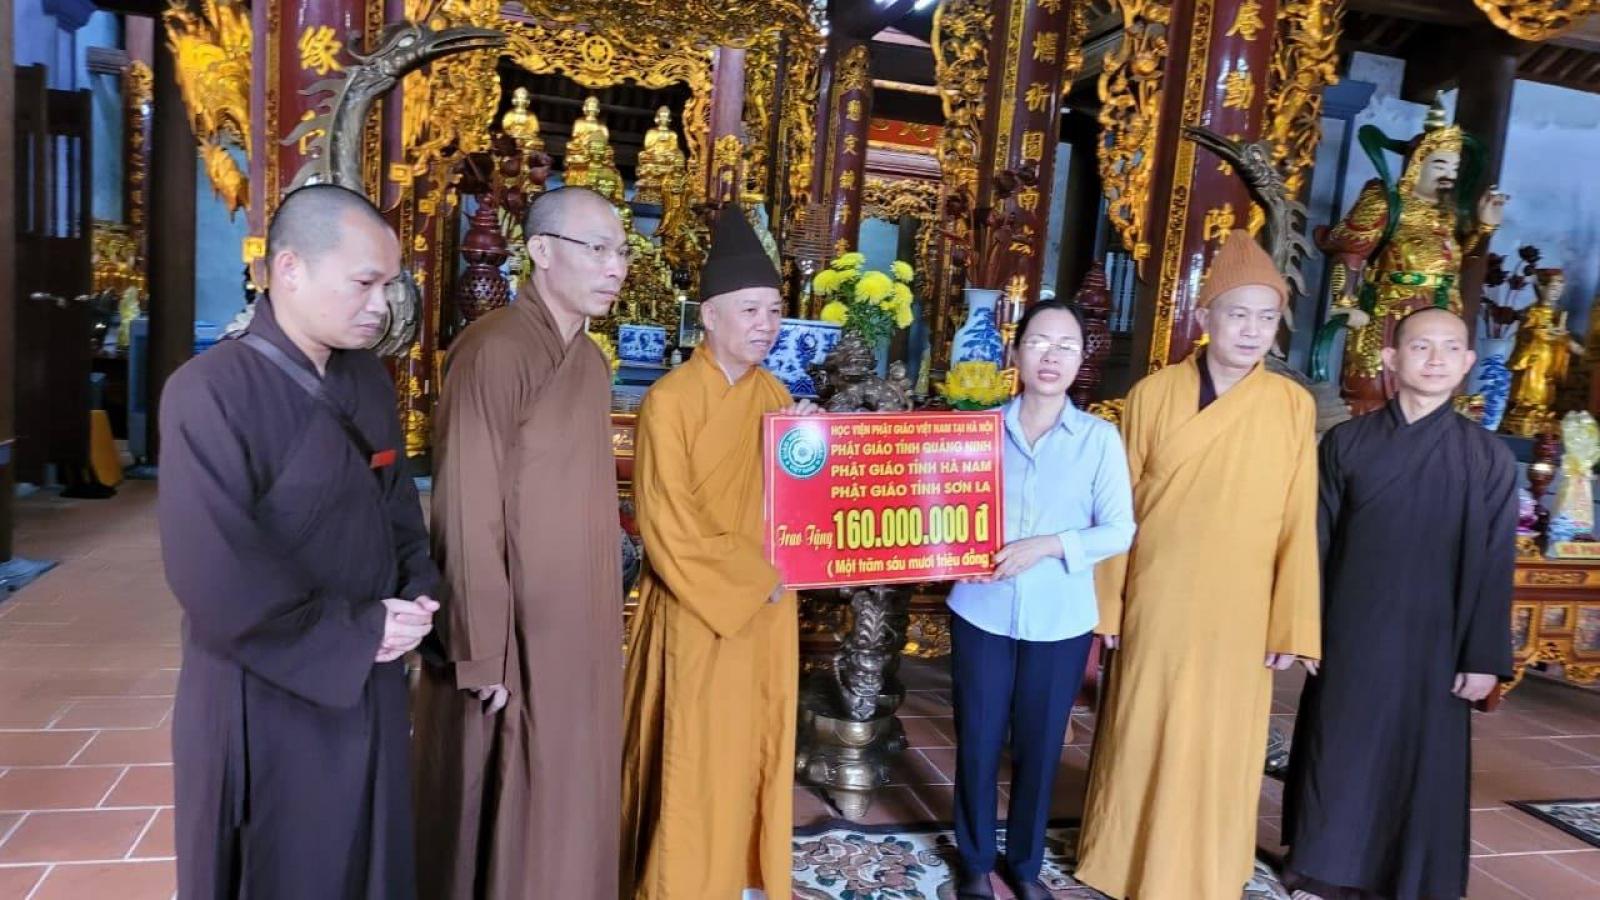 Thượng toạ Thích Thanh Quyết trao 2 tỷ đồng ủng hộ miền Trung